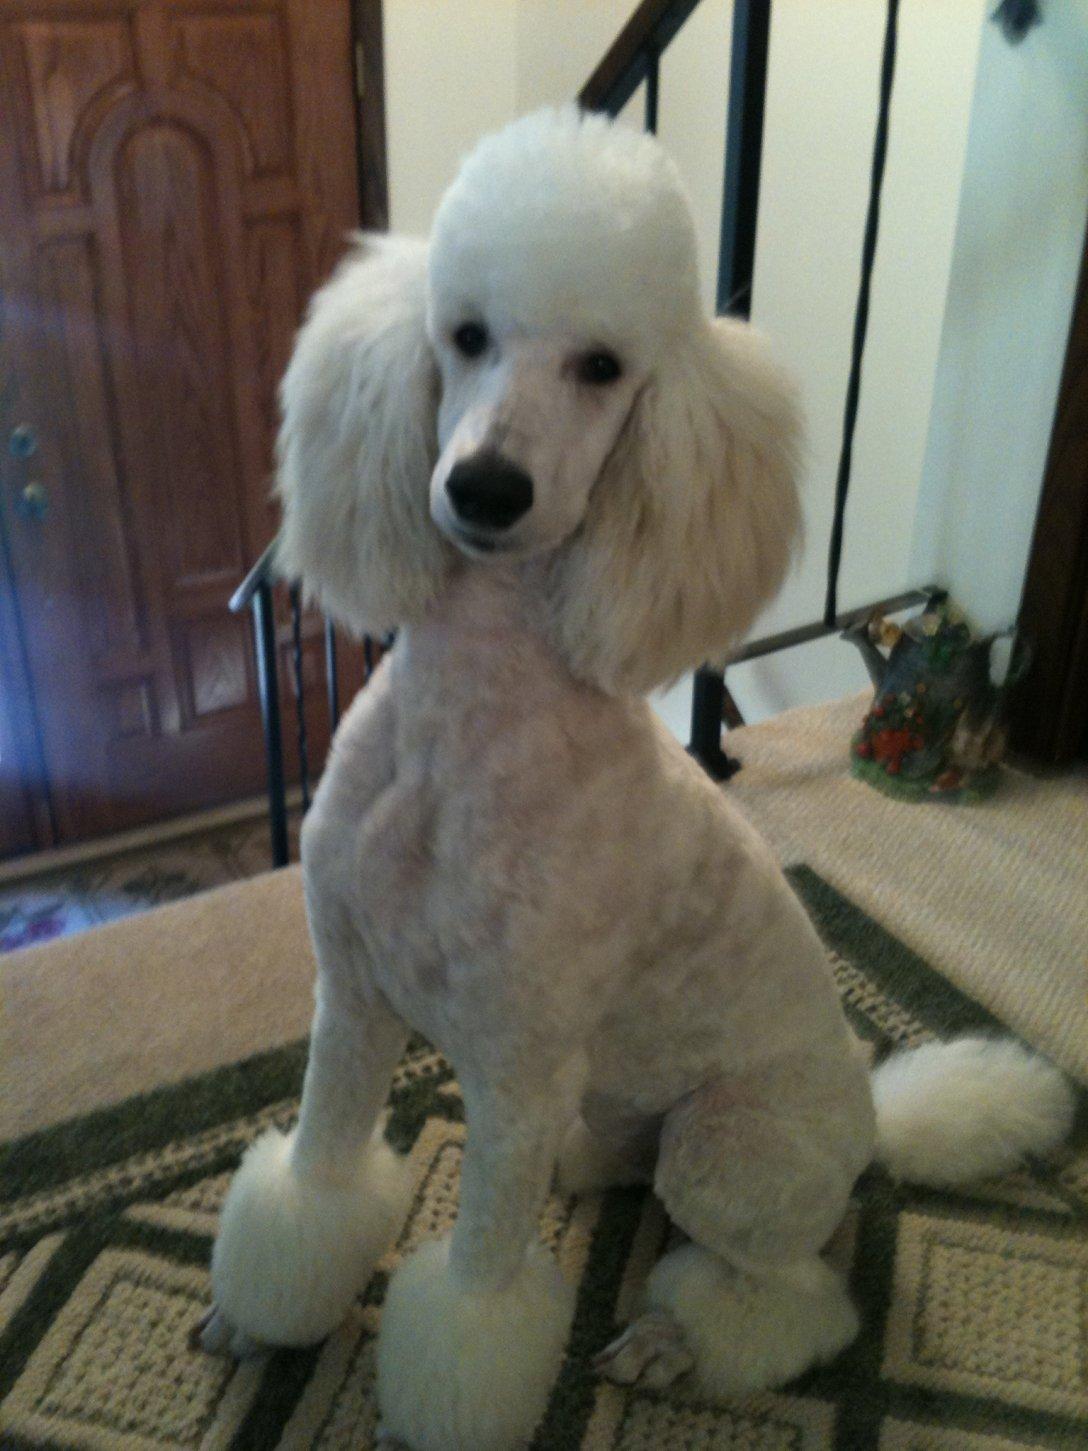 ... Poodle Forum - Standard Poodle, Toy Poodle, Miniature Poodle Forum ALL